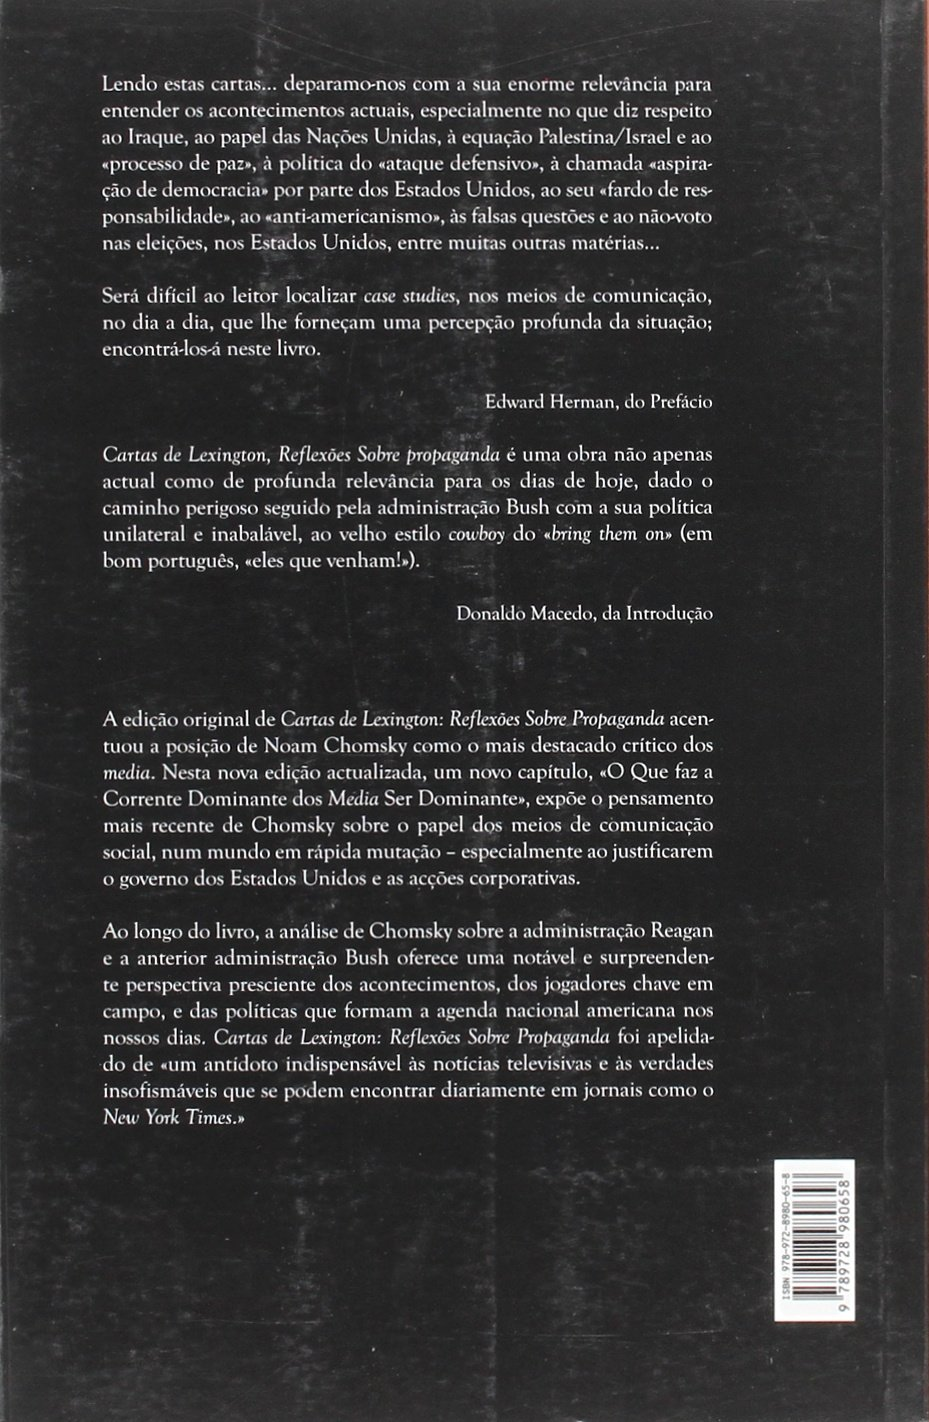 Cartas de Lexington: Reflexões Sobre Propaganda: Vários ...